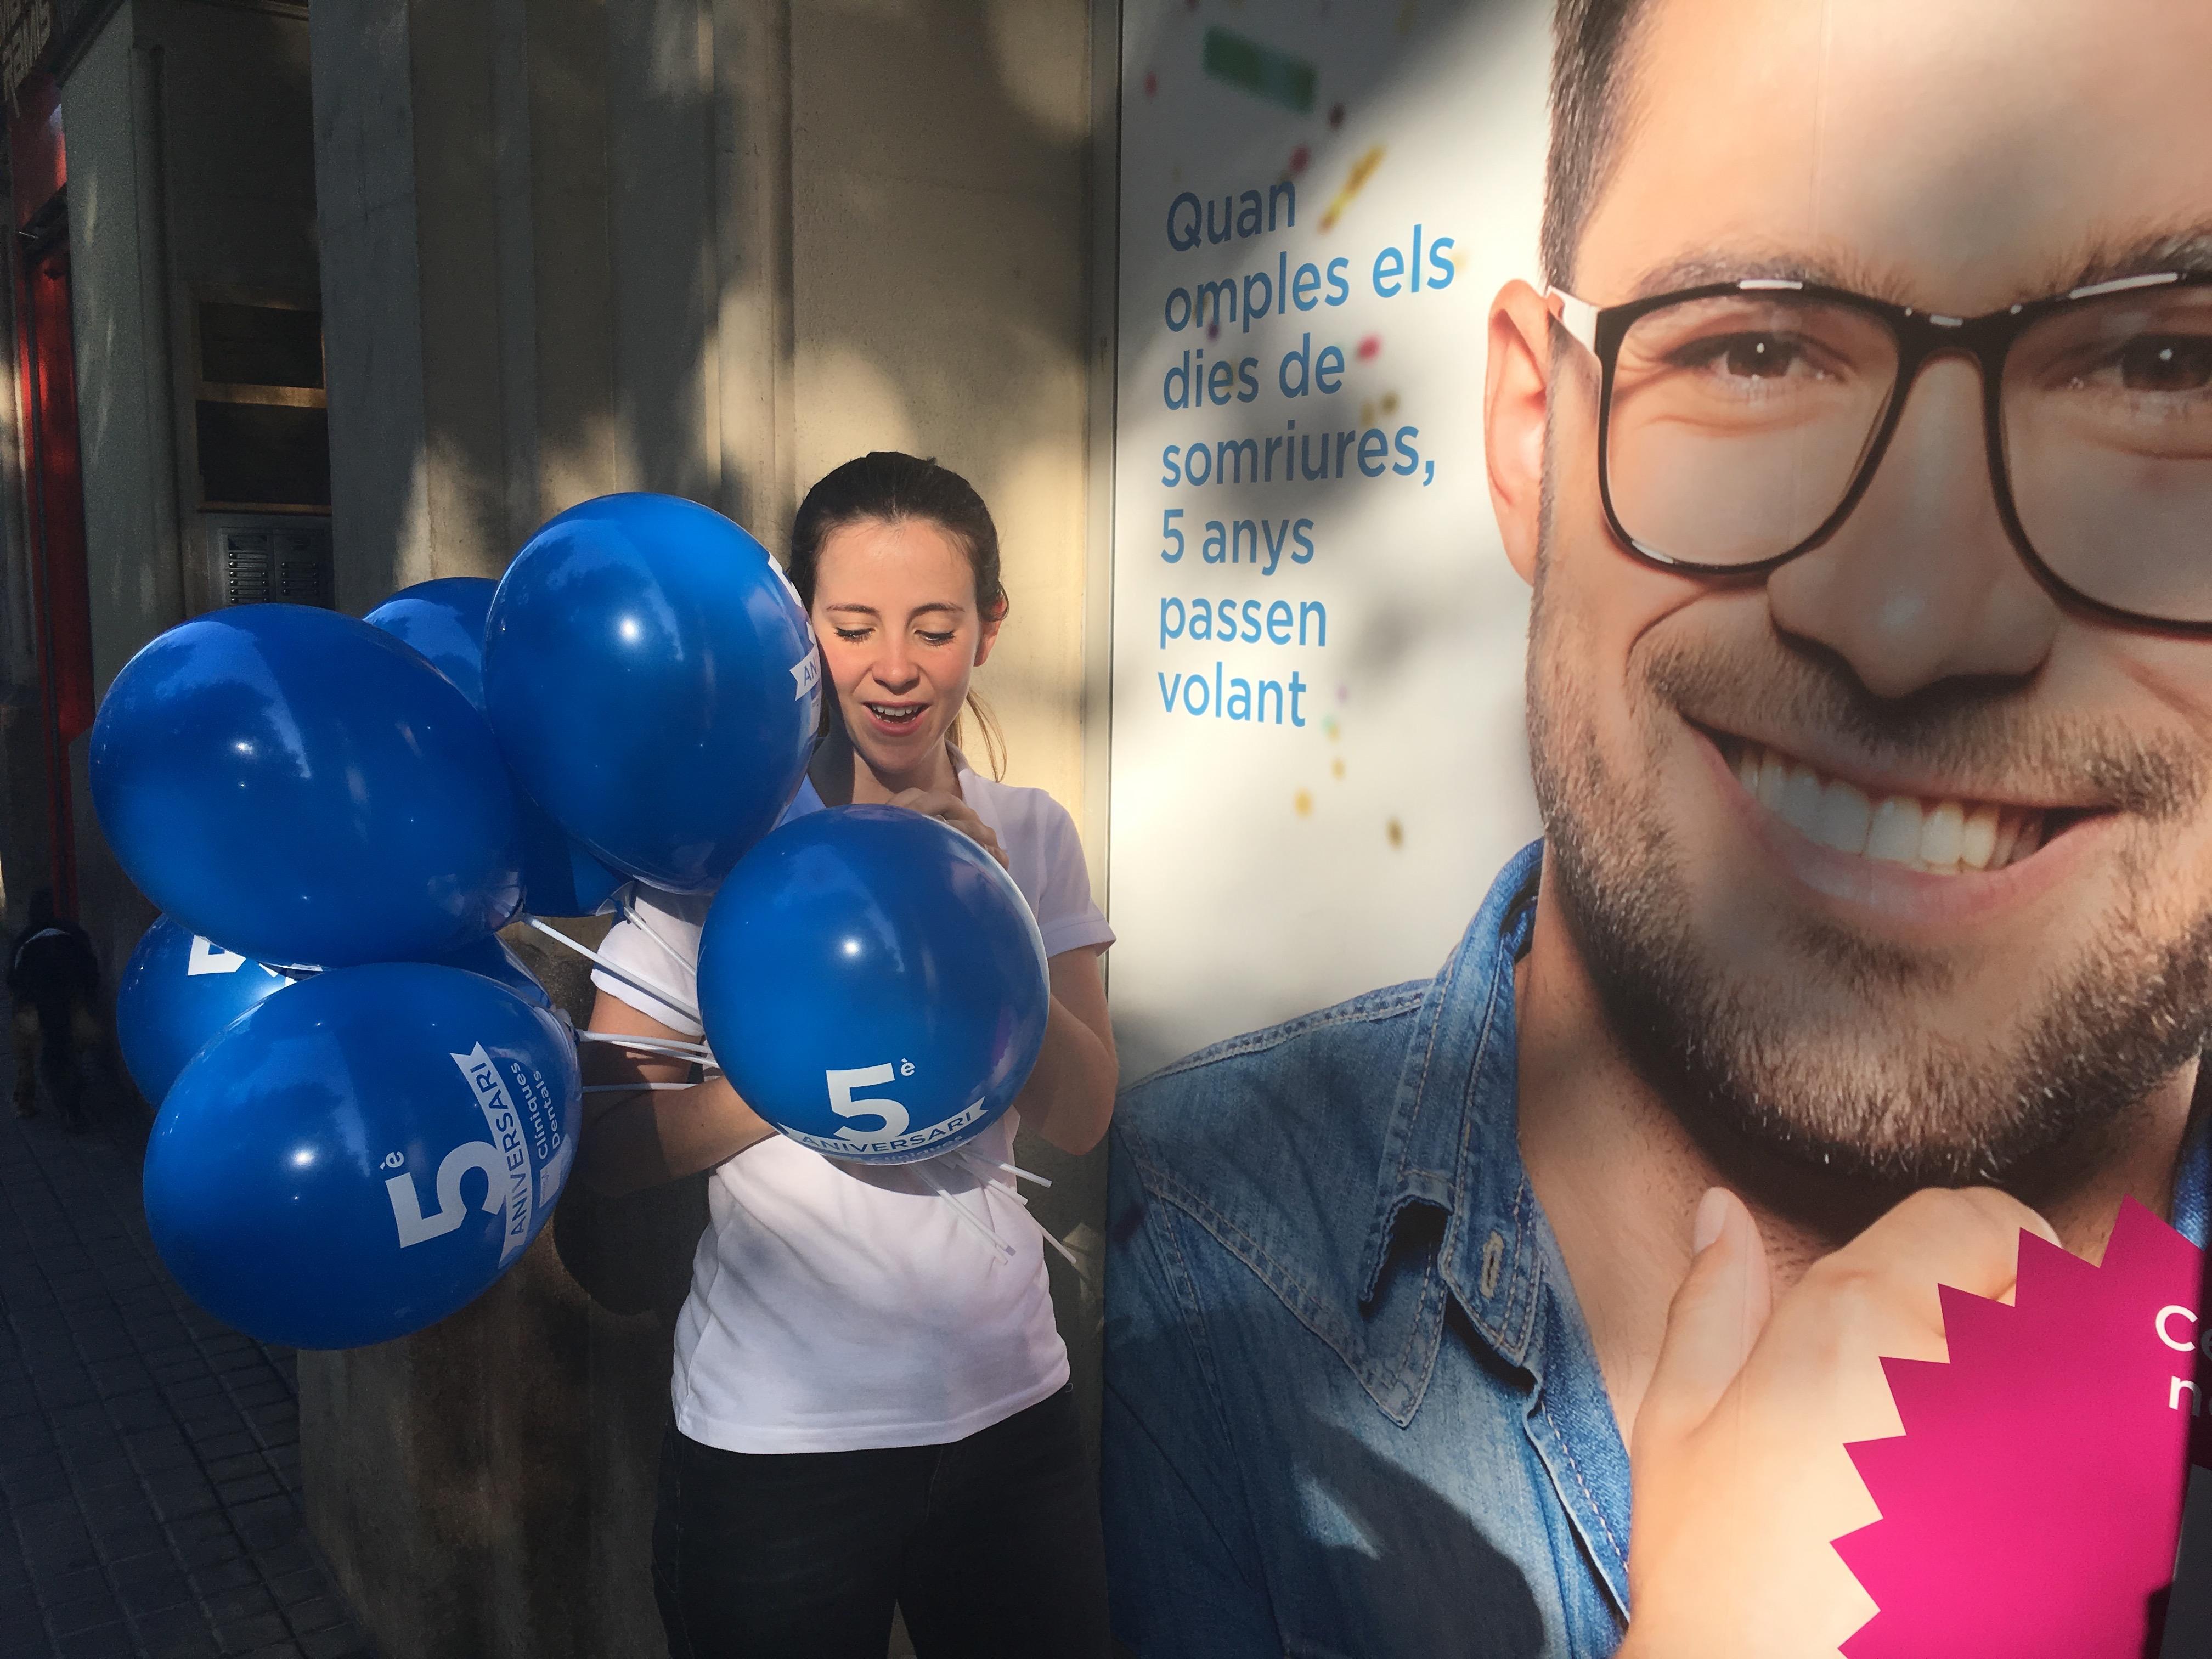 SANITAS: Celebrar el 5º Aniversario de los Centros Dentales Sanitas en Cataluña